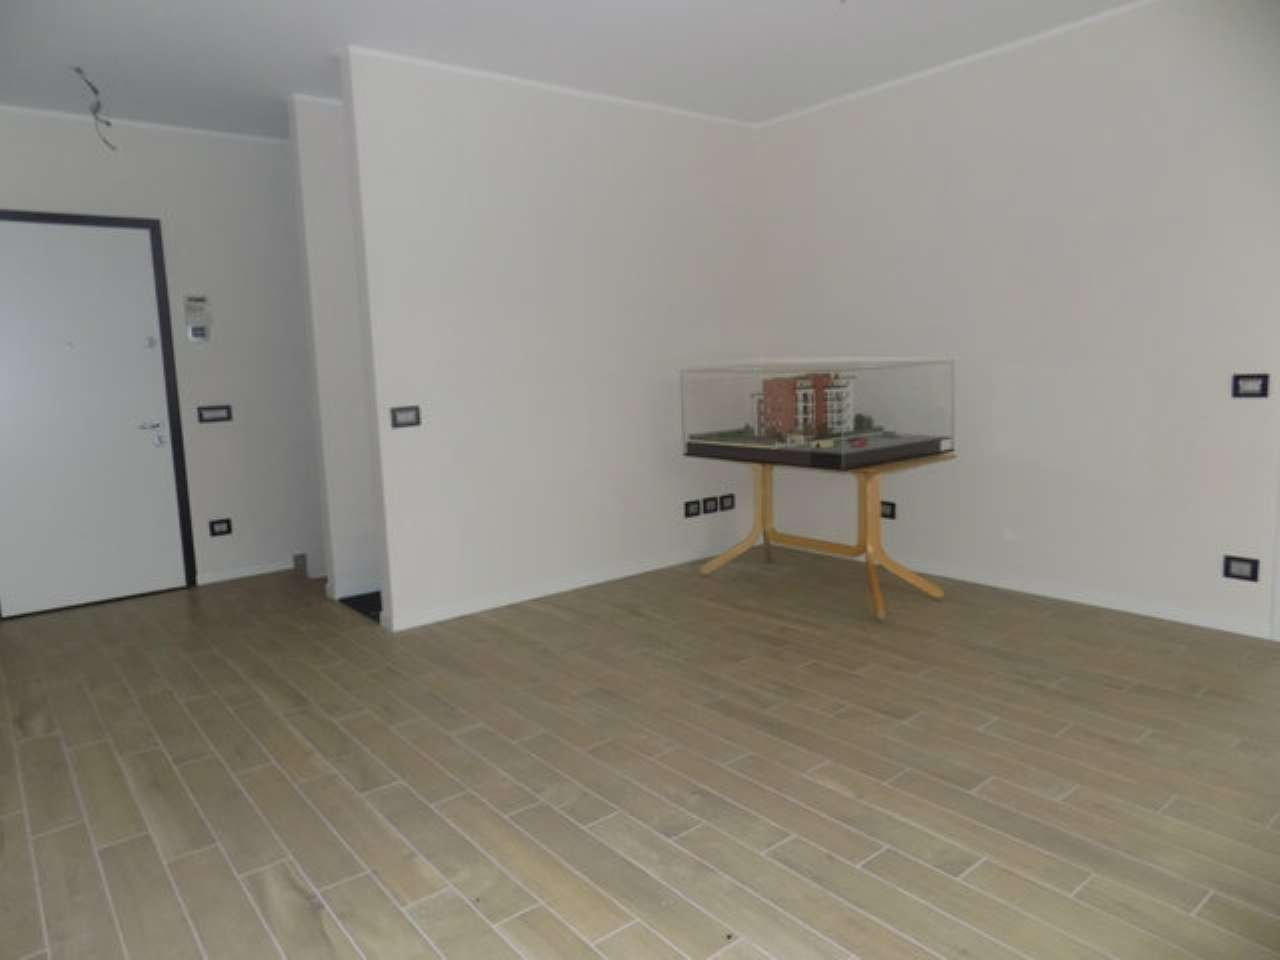 Appartamento in vendita a Garbagnate Milanese, 3 locali, prezzo € 320.000 | CambioCasa.it